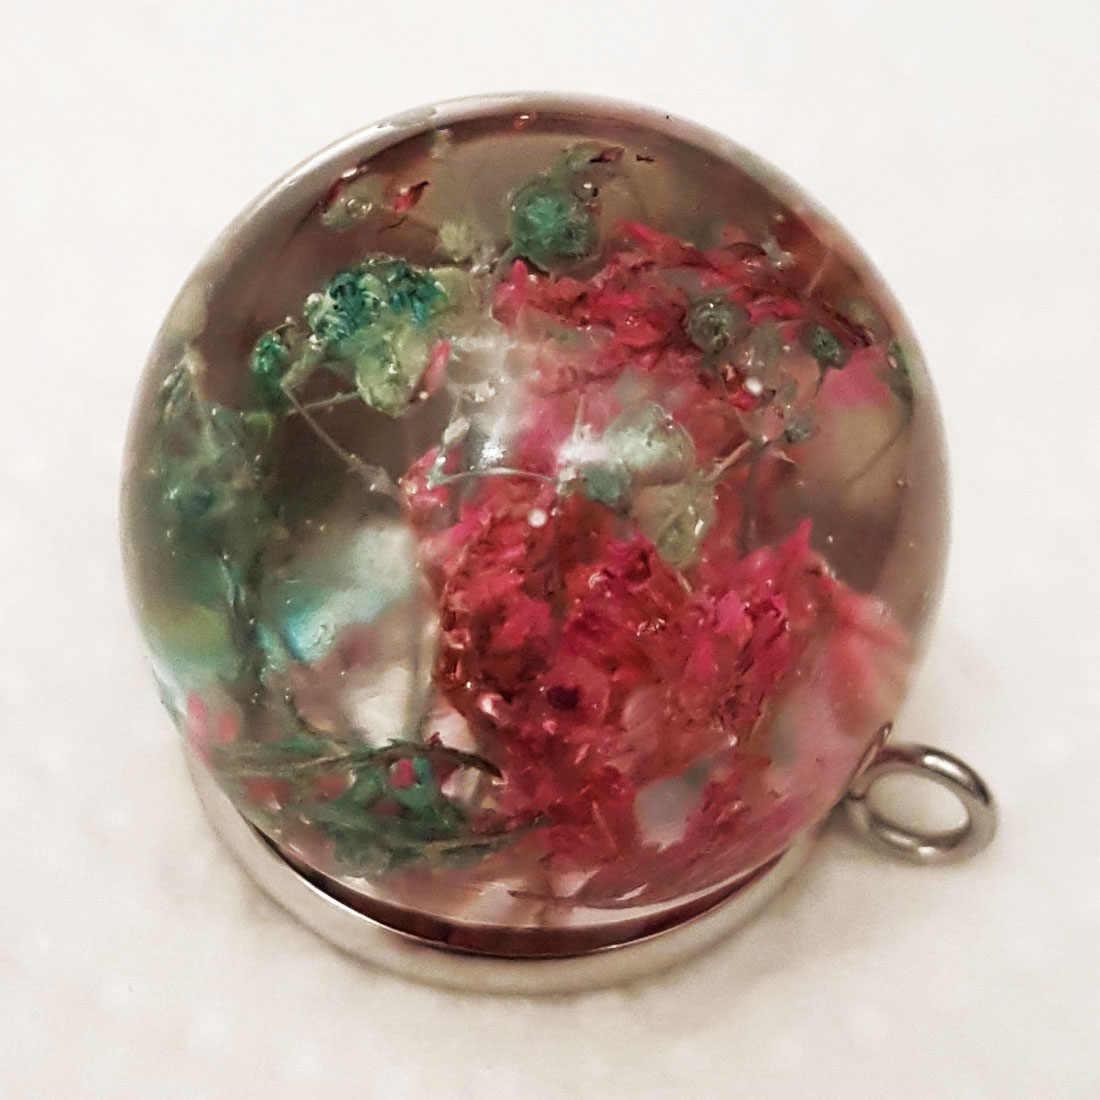 Moule en Silicone pour artisanat sphérique stéréo moule en résine époxy pour la fabrication de bijoux moule en silicone décoratif en résine pour résine